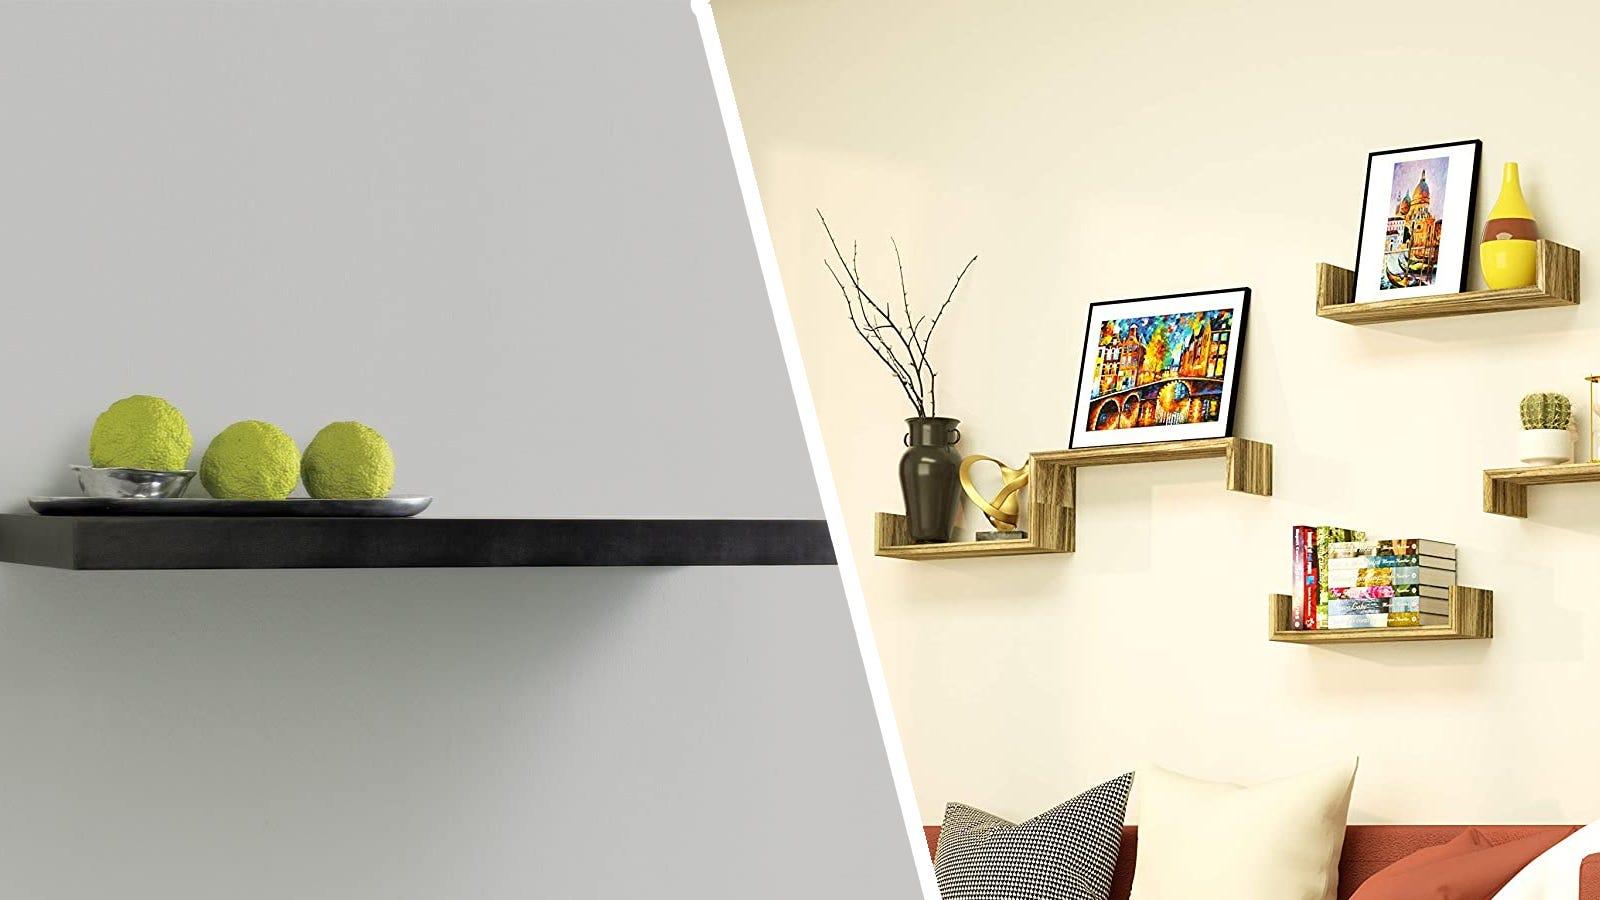 Los 7 mejores kits de estantes flotantes para modernizar su oficina en casa 12